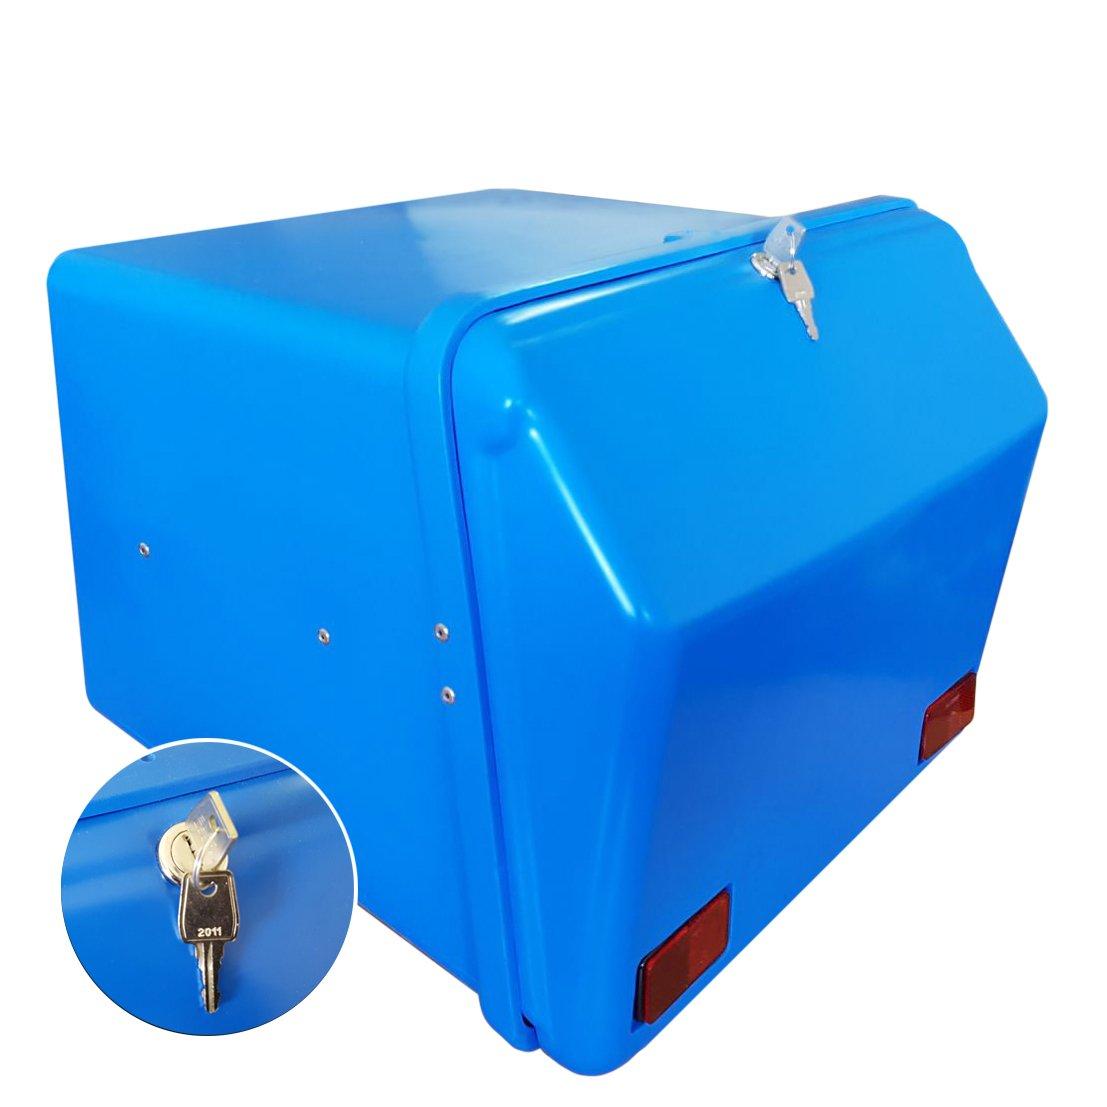 Cierre Cerradura Portaequipajes Moto ba/úl Reparto Azul//Azul con Bandeja y Reflectantes homologados